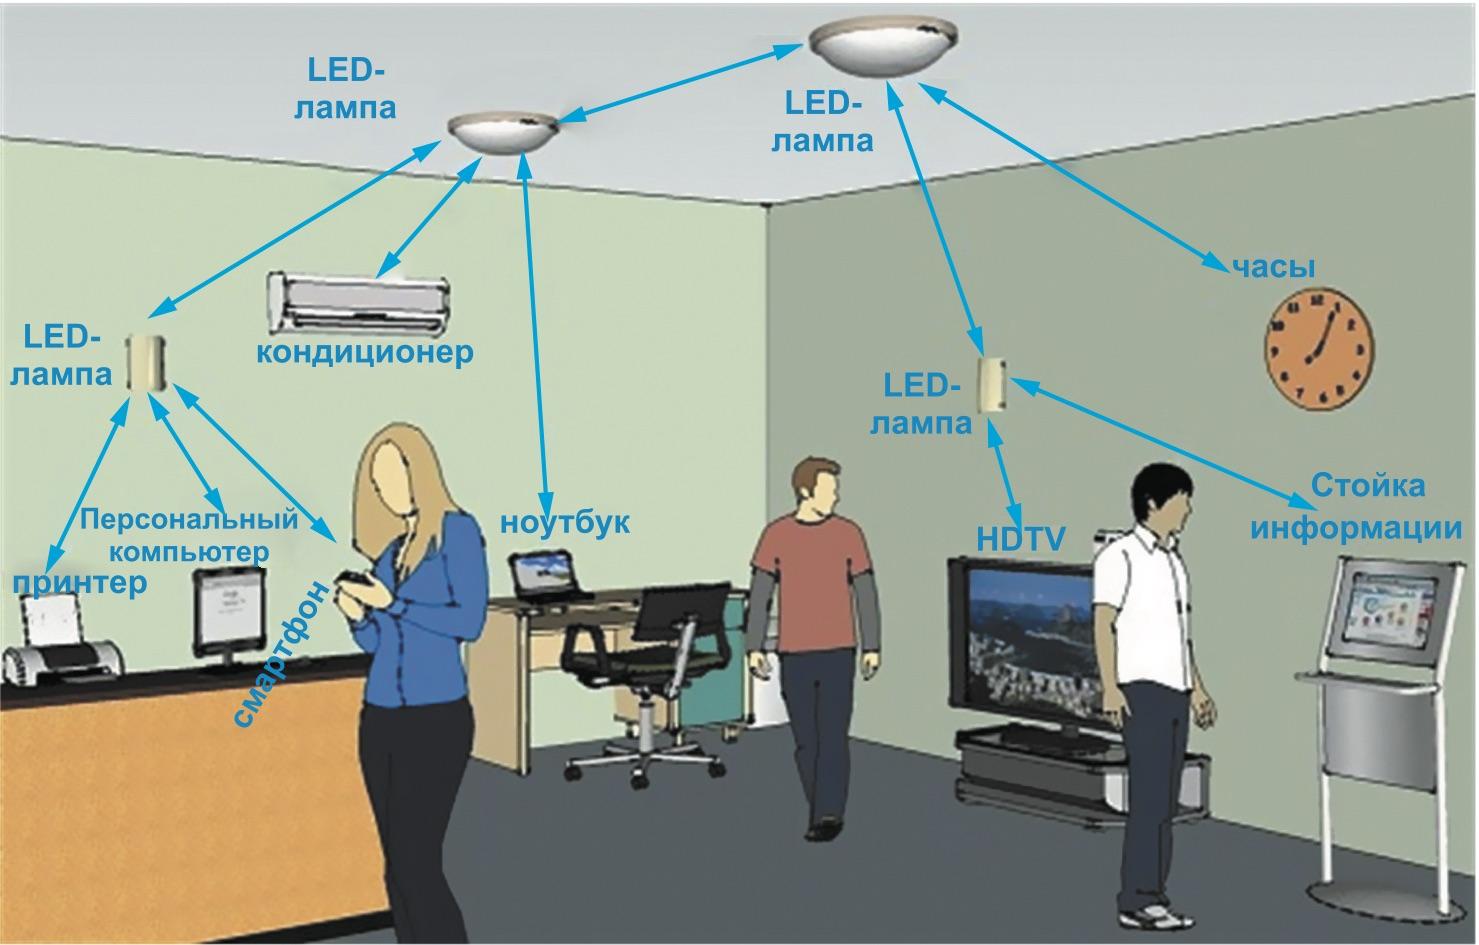 интернет через светl i fi